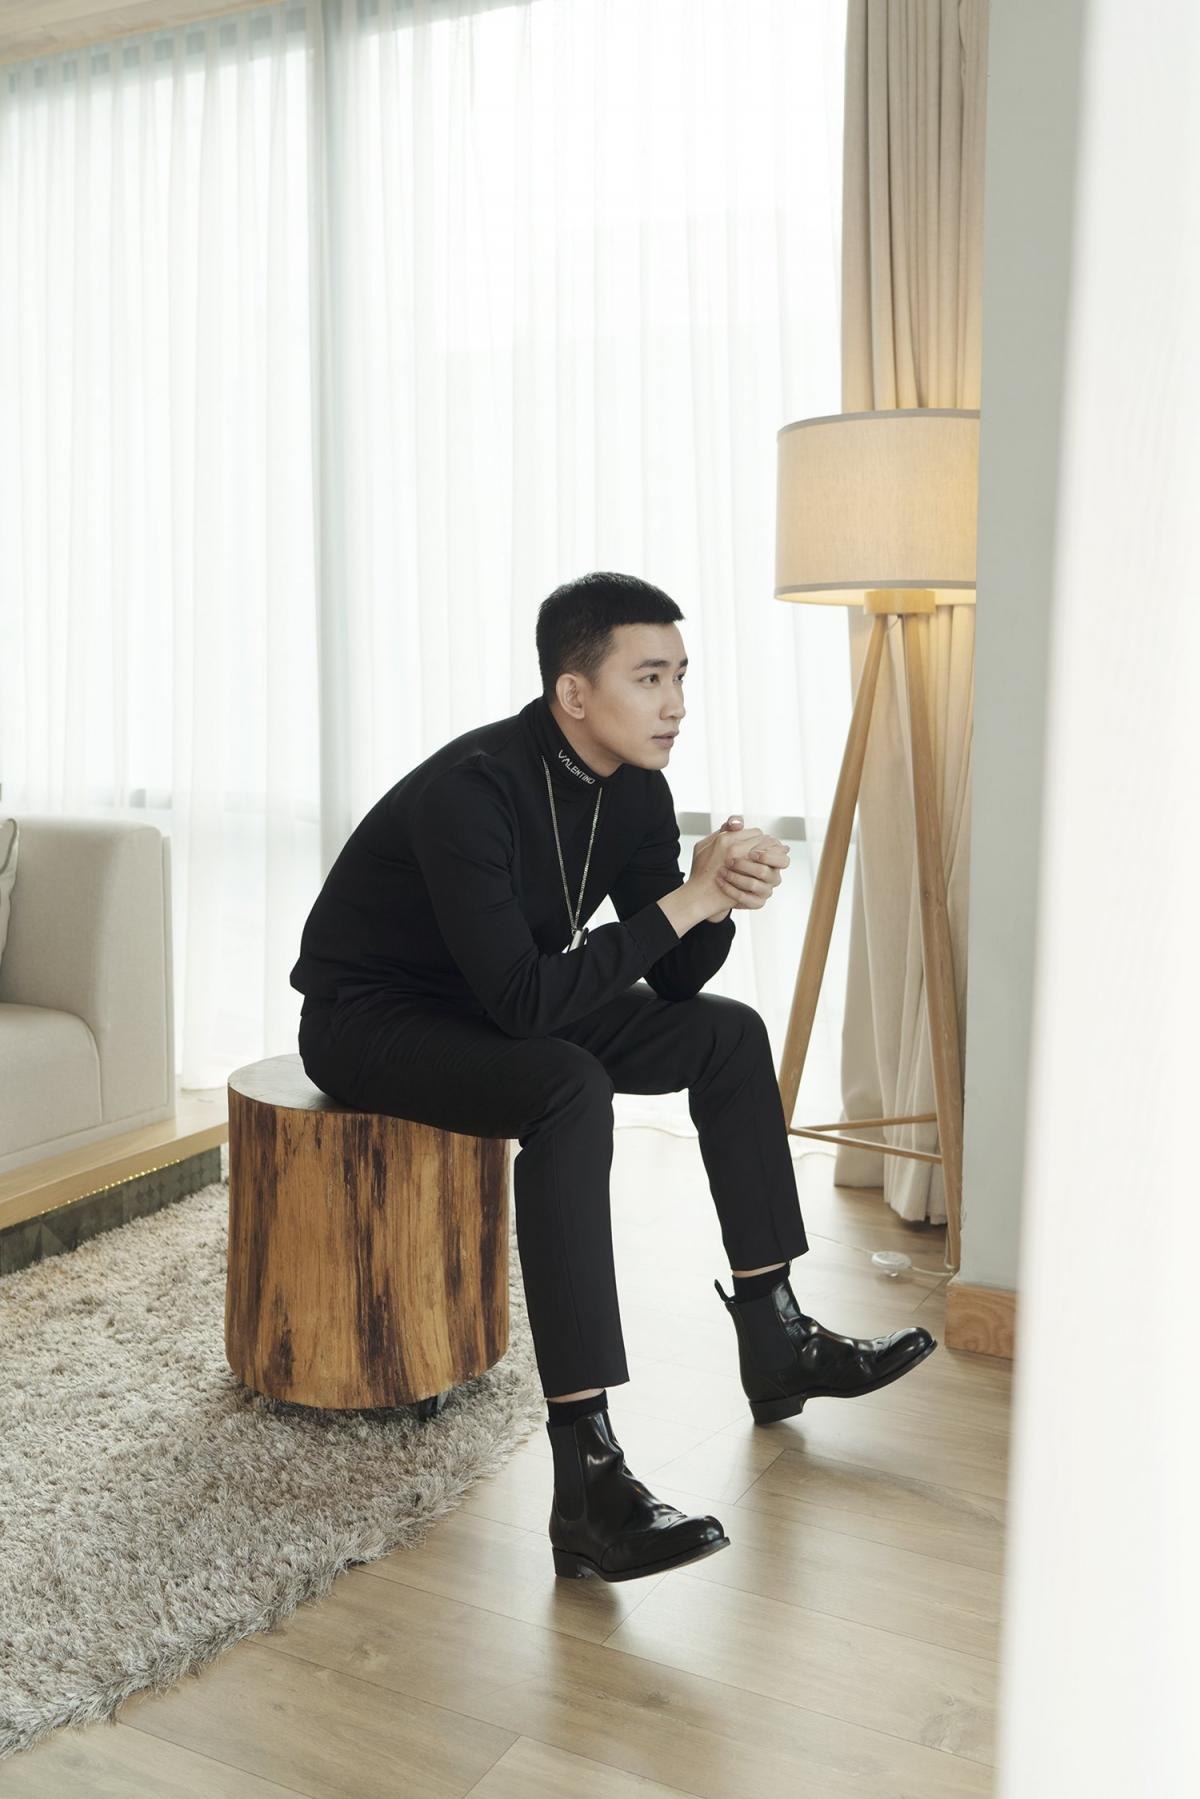 """Mới đây, Võ Cảnh tiếp tục cho khán giả thấy sự nam tính, quyến rũ """"cực mạnh"""" của mình trong bộ ảnh mới. Khí chất và độ menly khiến ai nhìn cũng dễ dàng say đắm."""